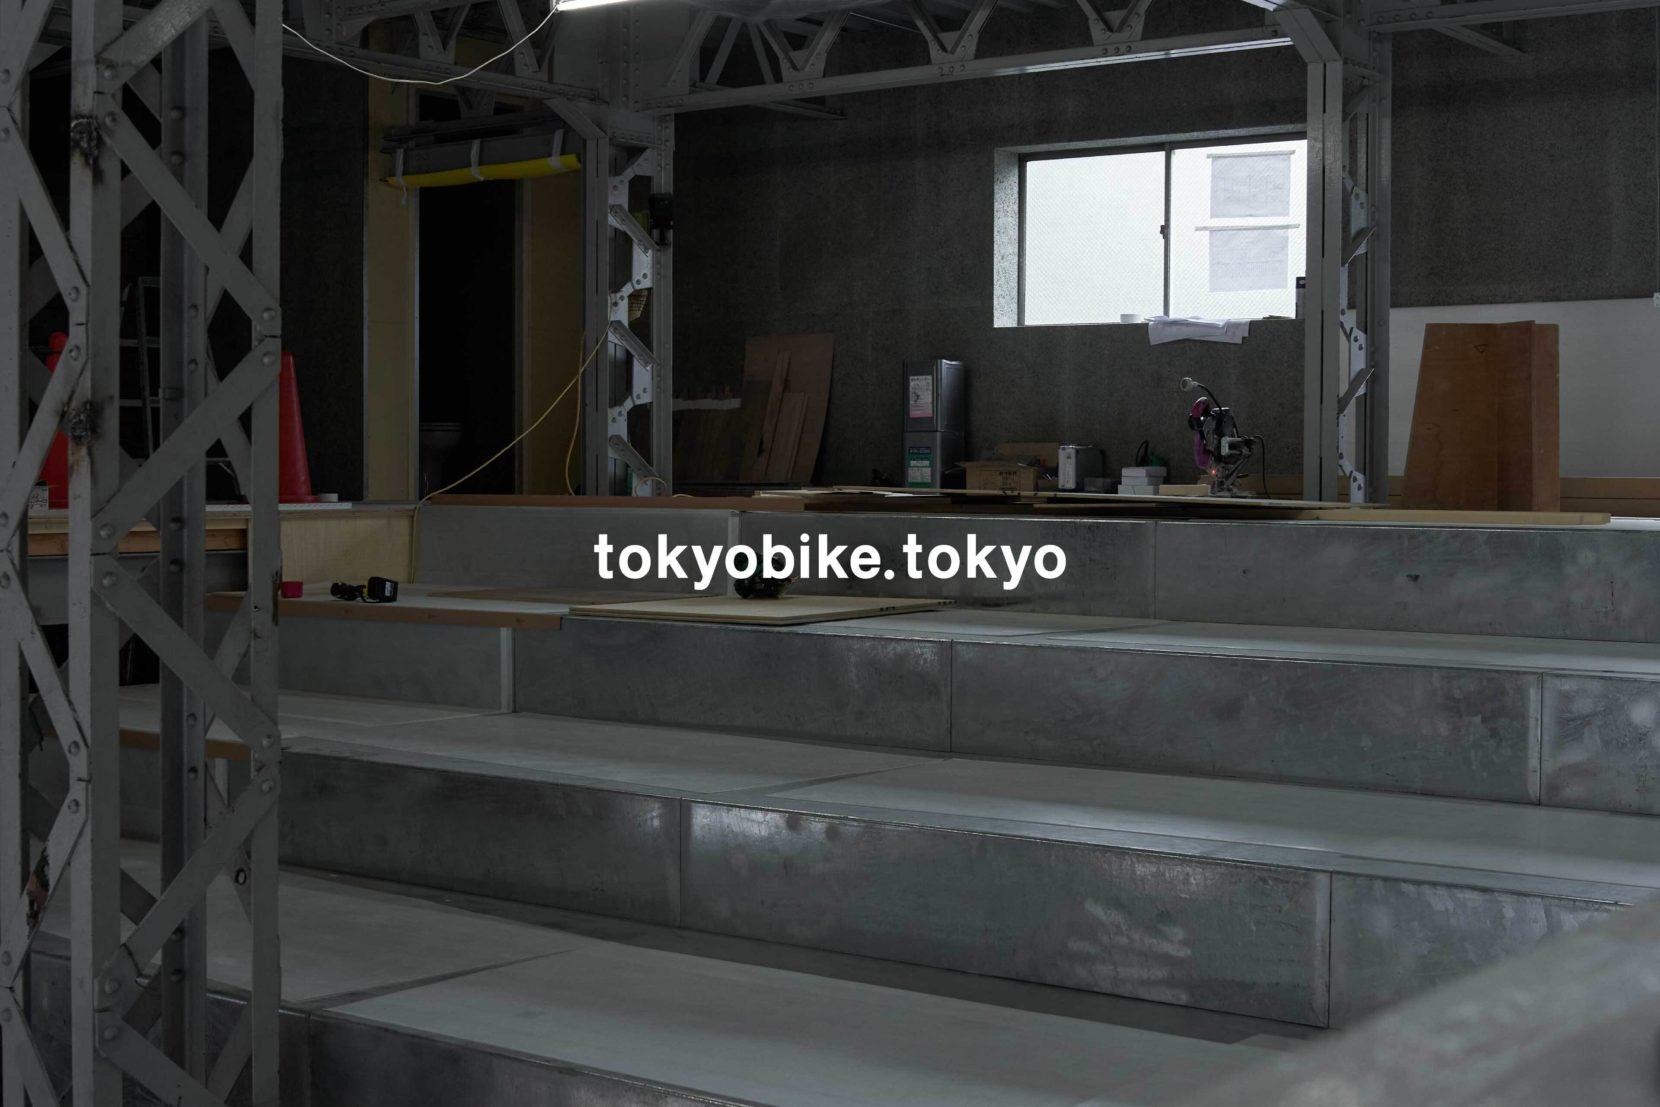 tokyobiketokyo